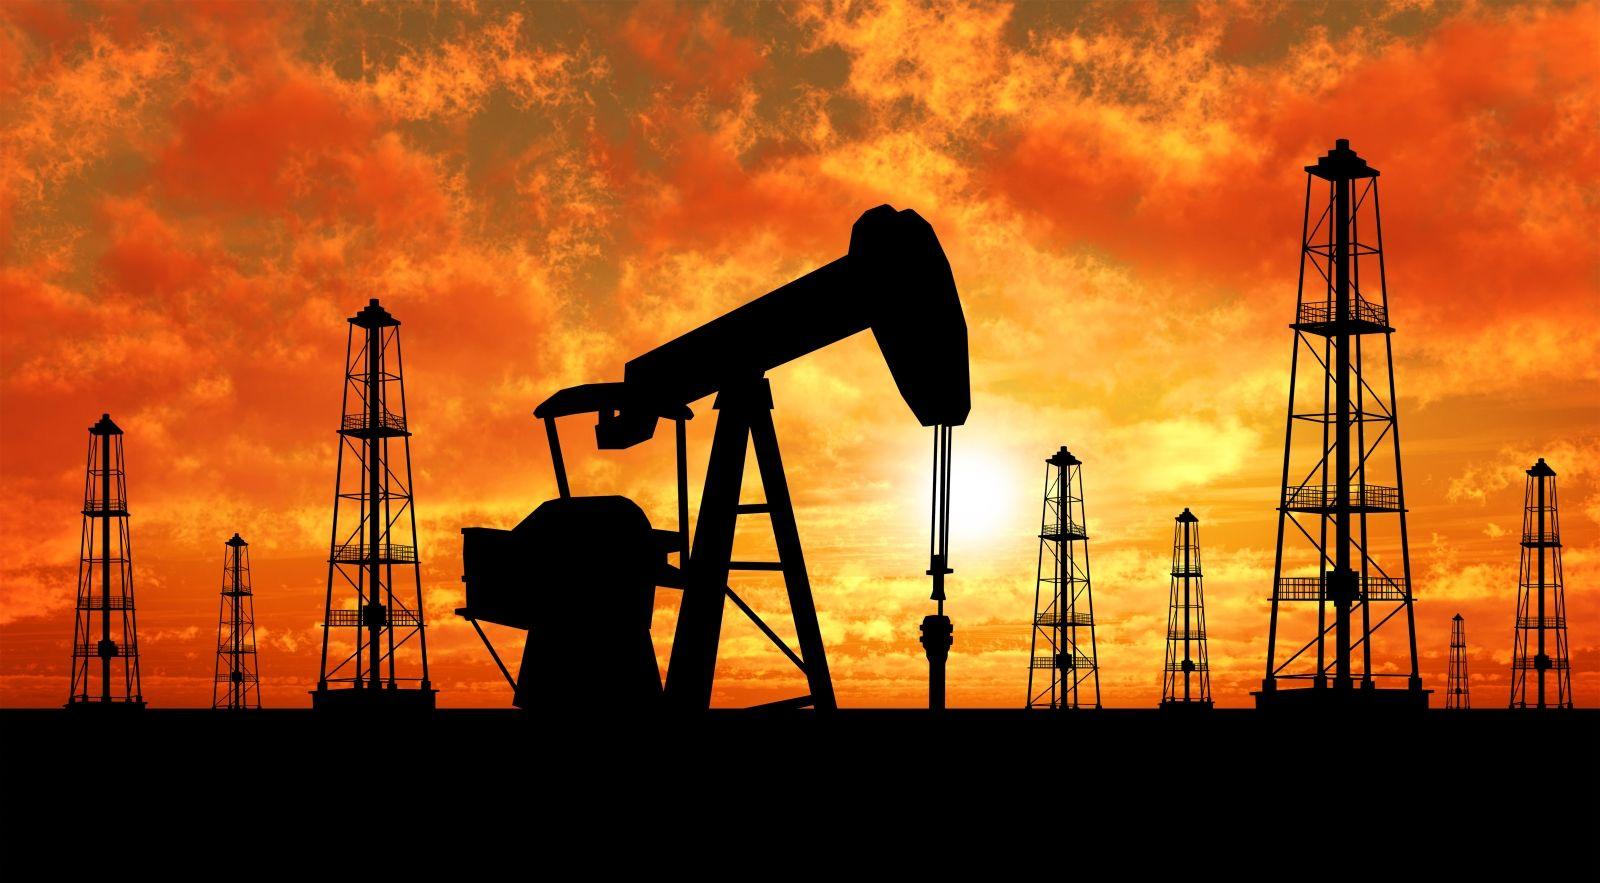 Перспективы ОПЕК+ и новая цена на нефть: эксперты сделали неутешительный прогноз для России